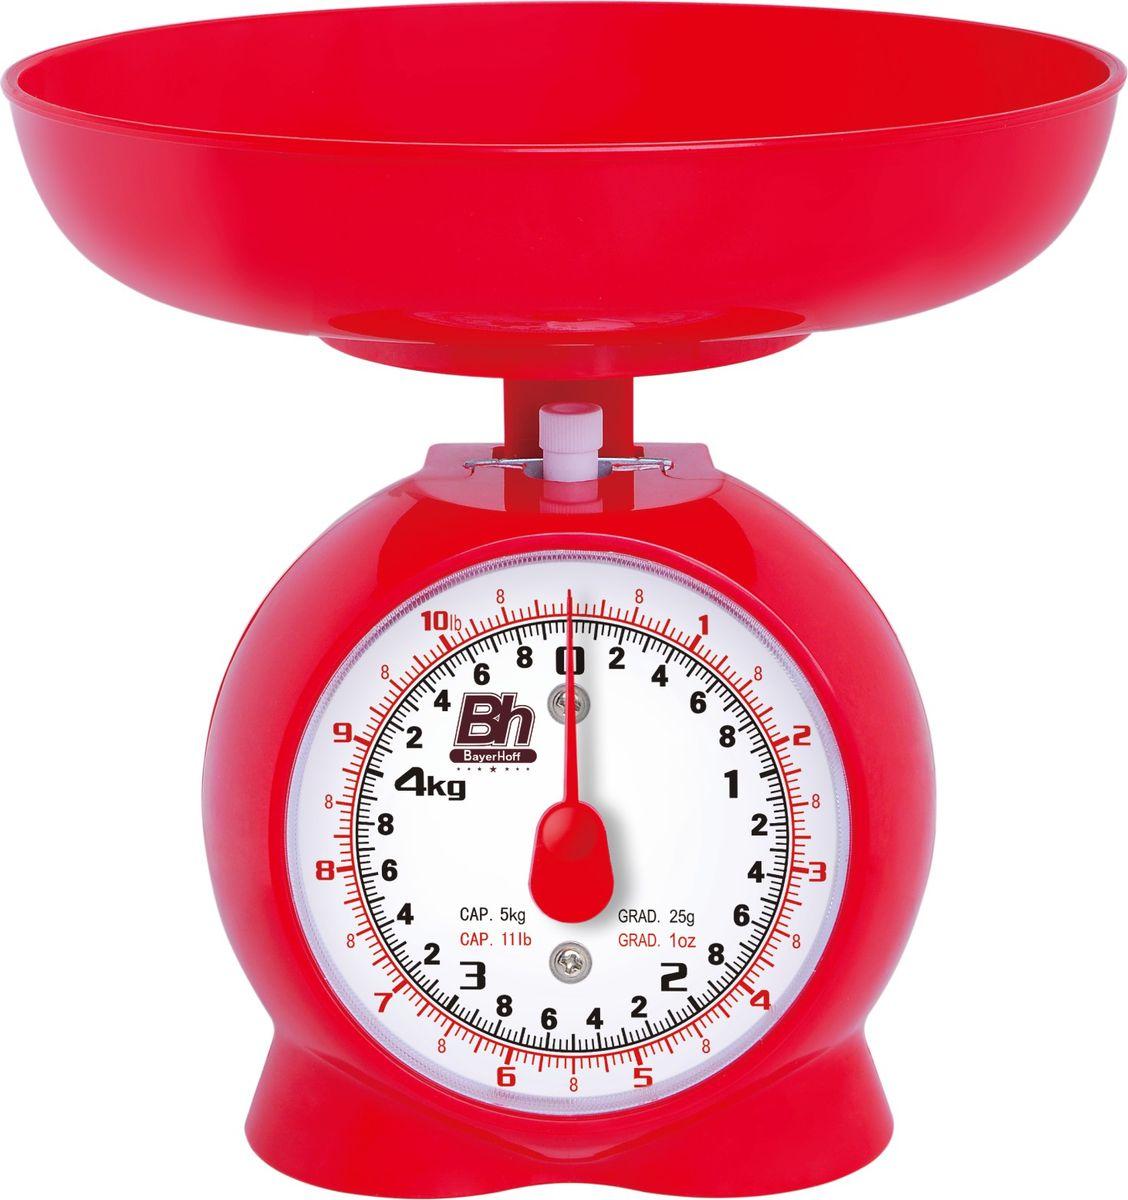 Весы кухонные механические Bayerhoff, цвет: красный, до 5 кгBH-5150Механические кухонные весы Bayerhoff, выполненные из высокопрочного пластика и металла, с большой, хорошо читаемой шкалой и съемной чашей, придутся по душе каждой хозяйке и станут незаменимым аксессуаром на кухне. На шкале с шагом 50 г присутствуют единицы измерения в граммах и килограммах. Весы также дополнены таймером.В комплекте - пластиковая чаша. Весы складываются в чашу для компактного хранения.